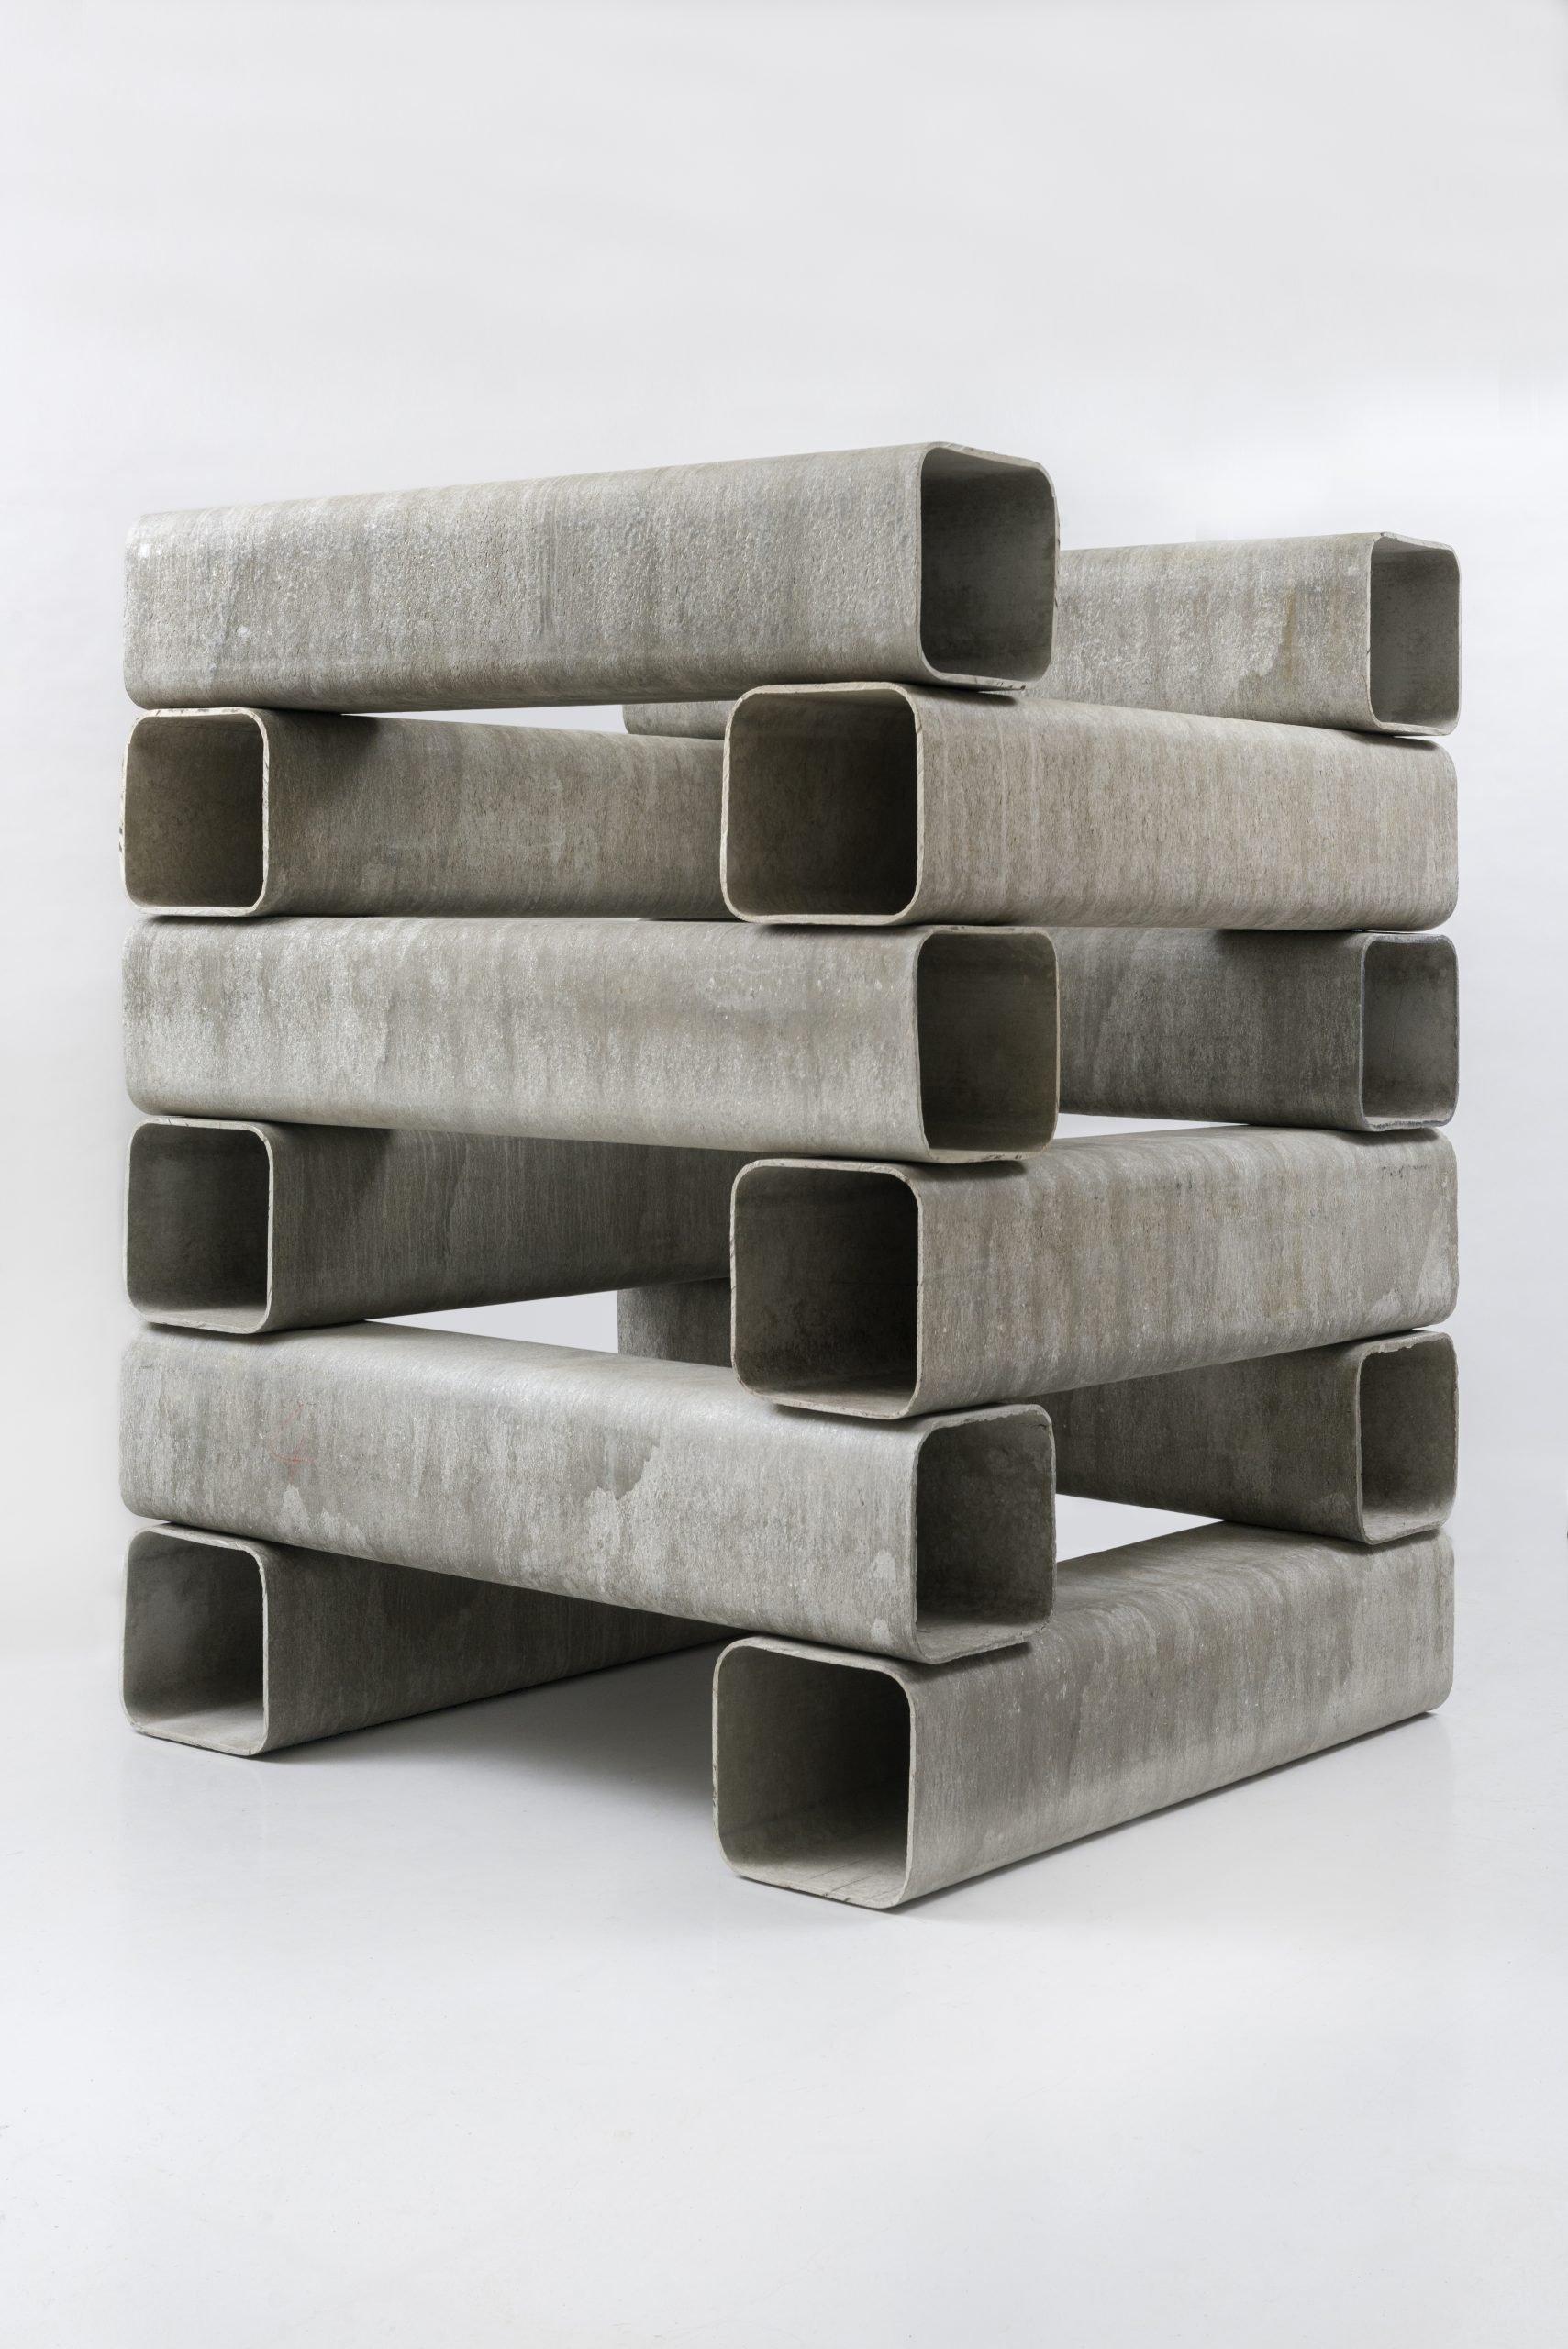 Alighero Boetti, Catasta, 1992 (1967), 12 éléments en Eternit, 187x150x150 cm